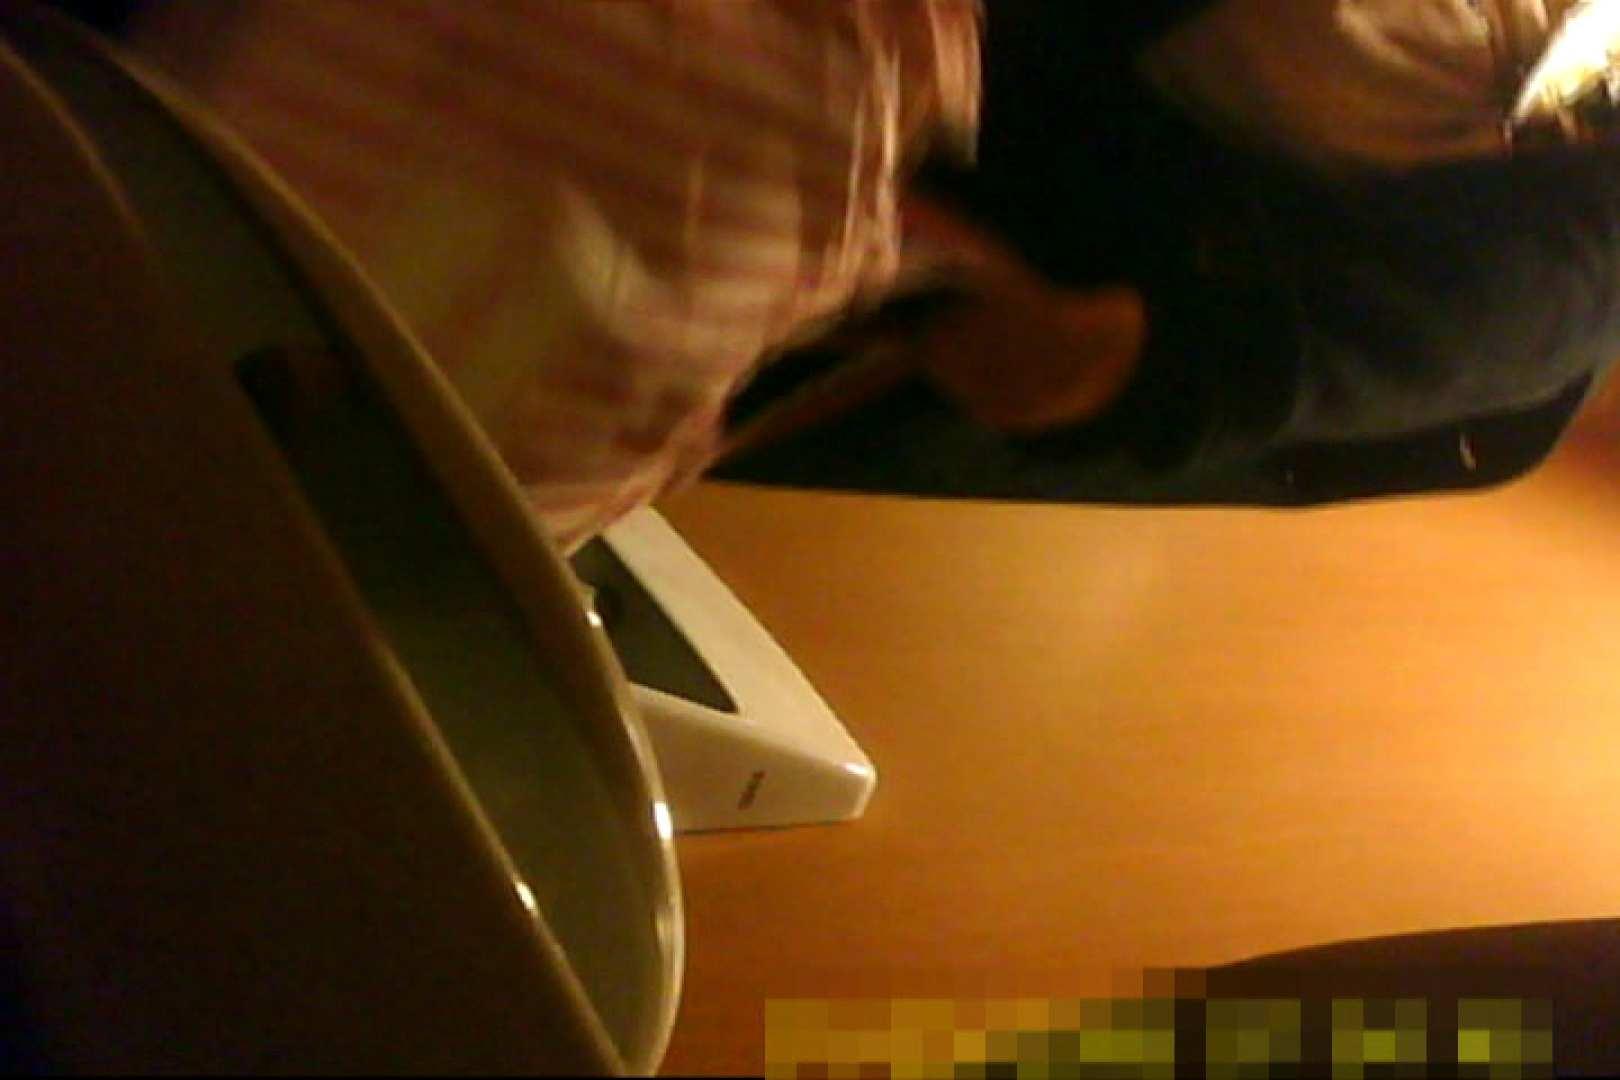 魅惑の化粧室~禁断のプライベート空間~13 プライベート  71pic 39